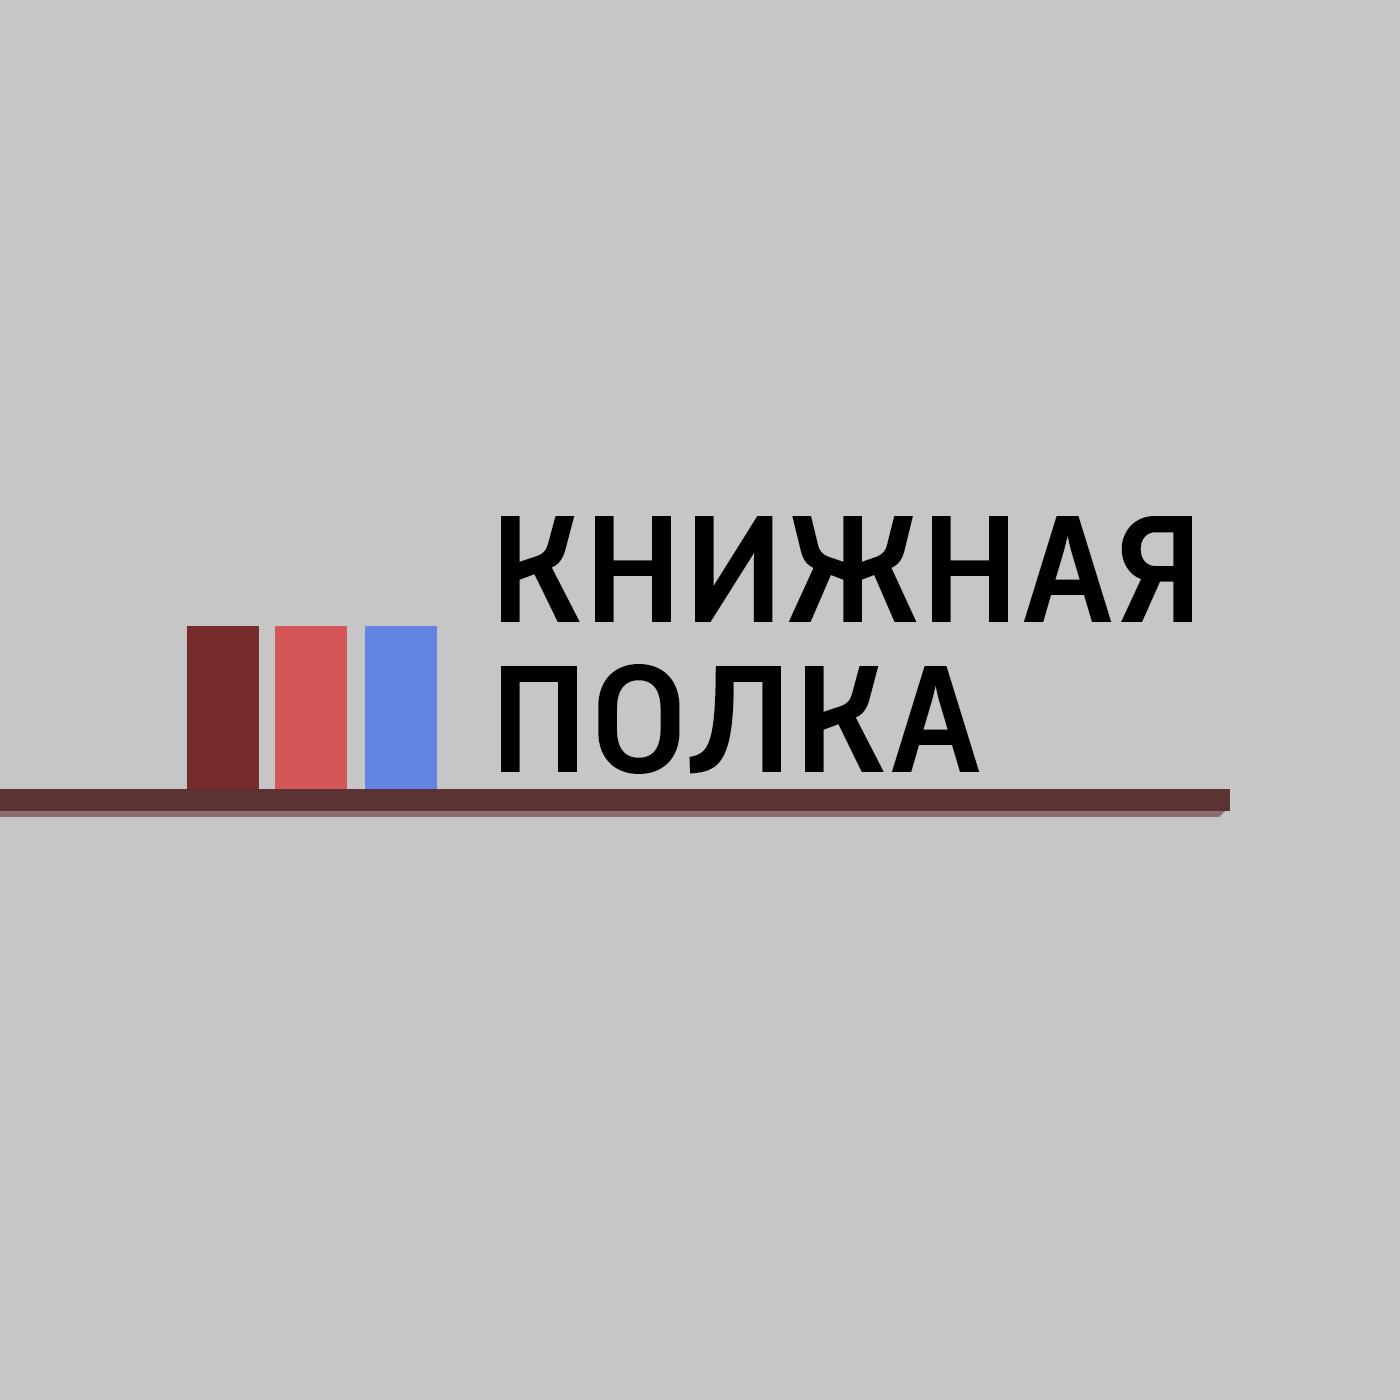 Маргарита Митрофанова «Физика на каждом шагу», «Лунастры», «Живые», «Мутангелы», «Папатека», «Олененок Пим» цены